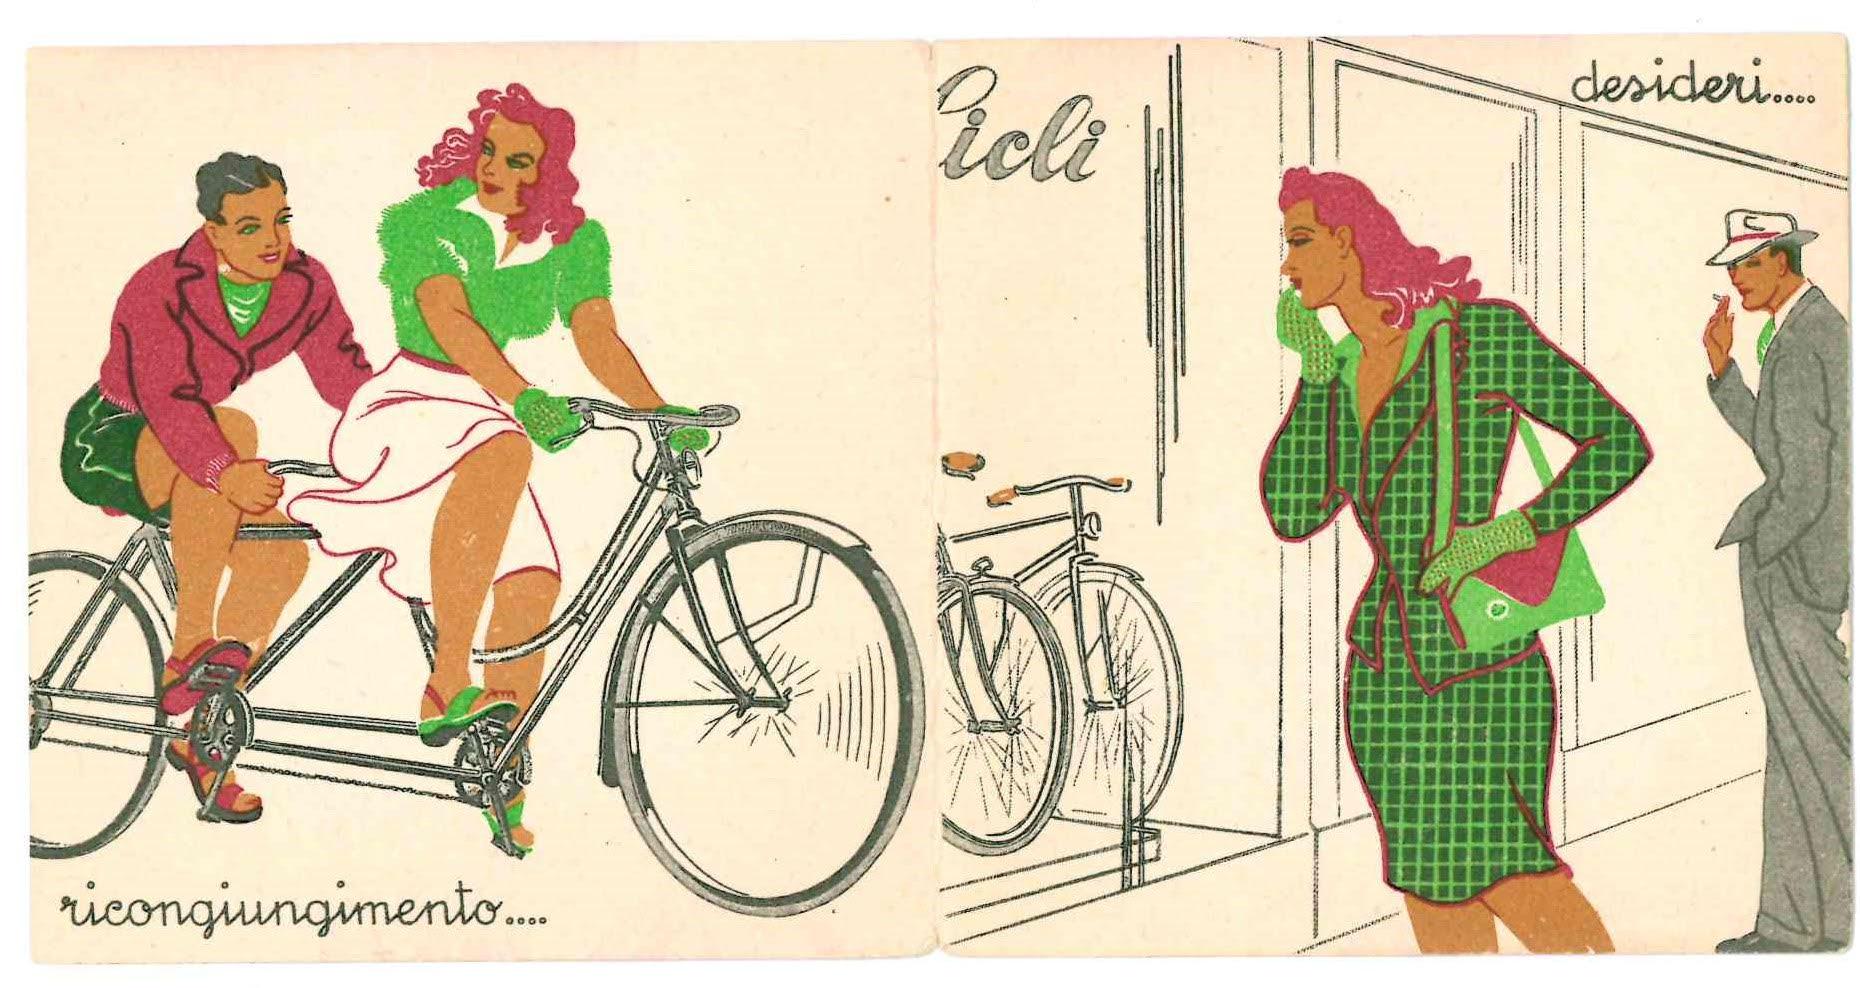 modena-mostra-bici davvero